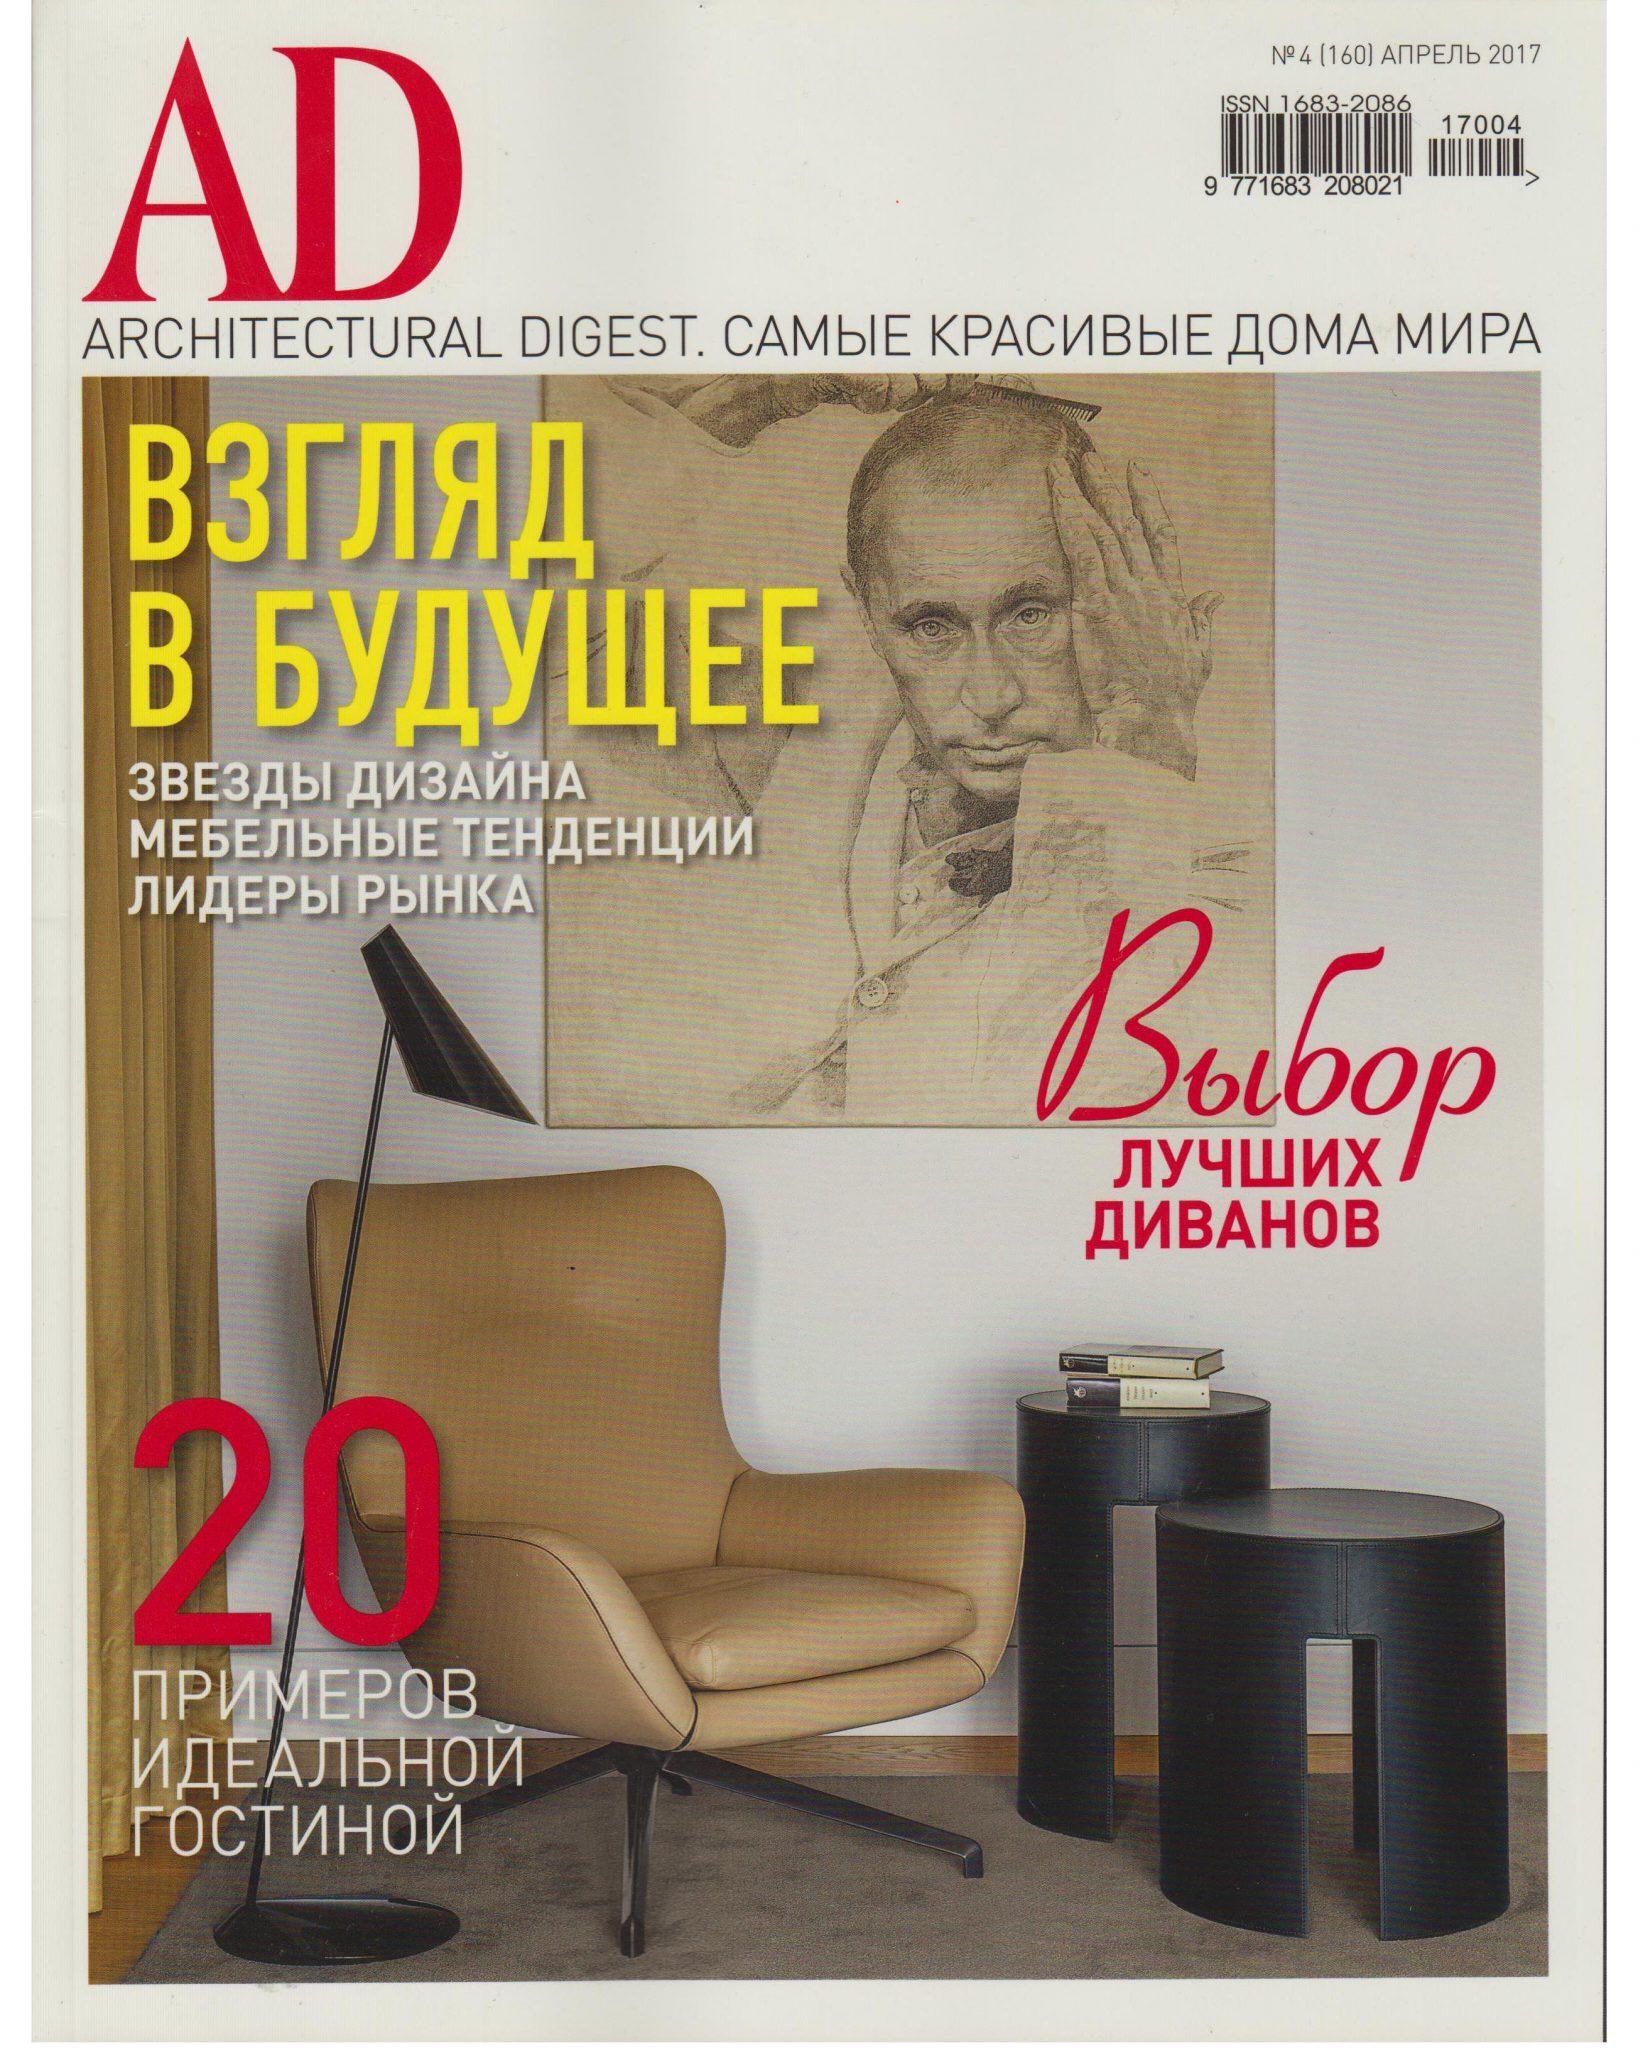 AD апрель 2017 (my cover)